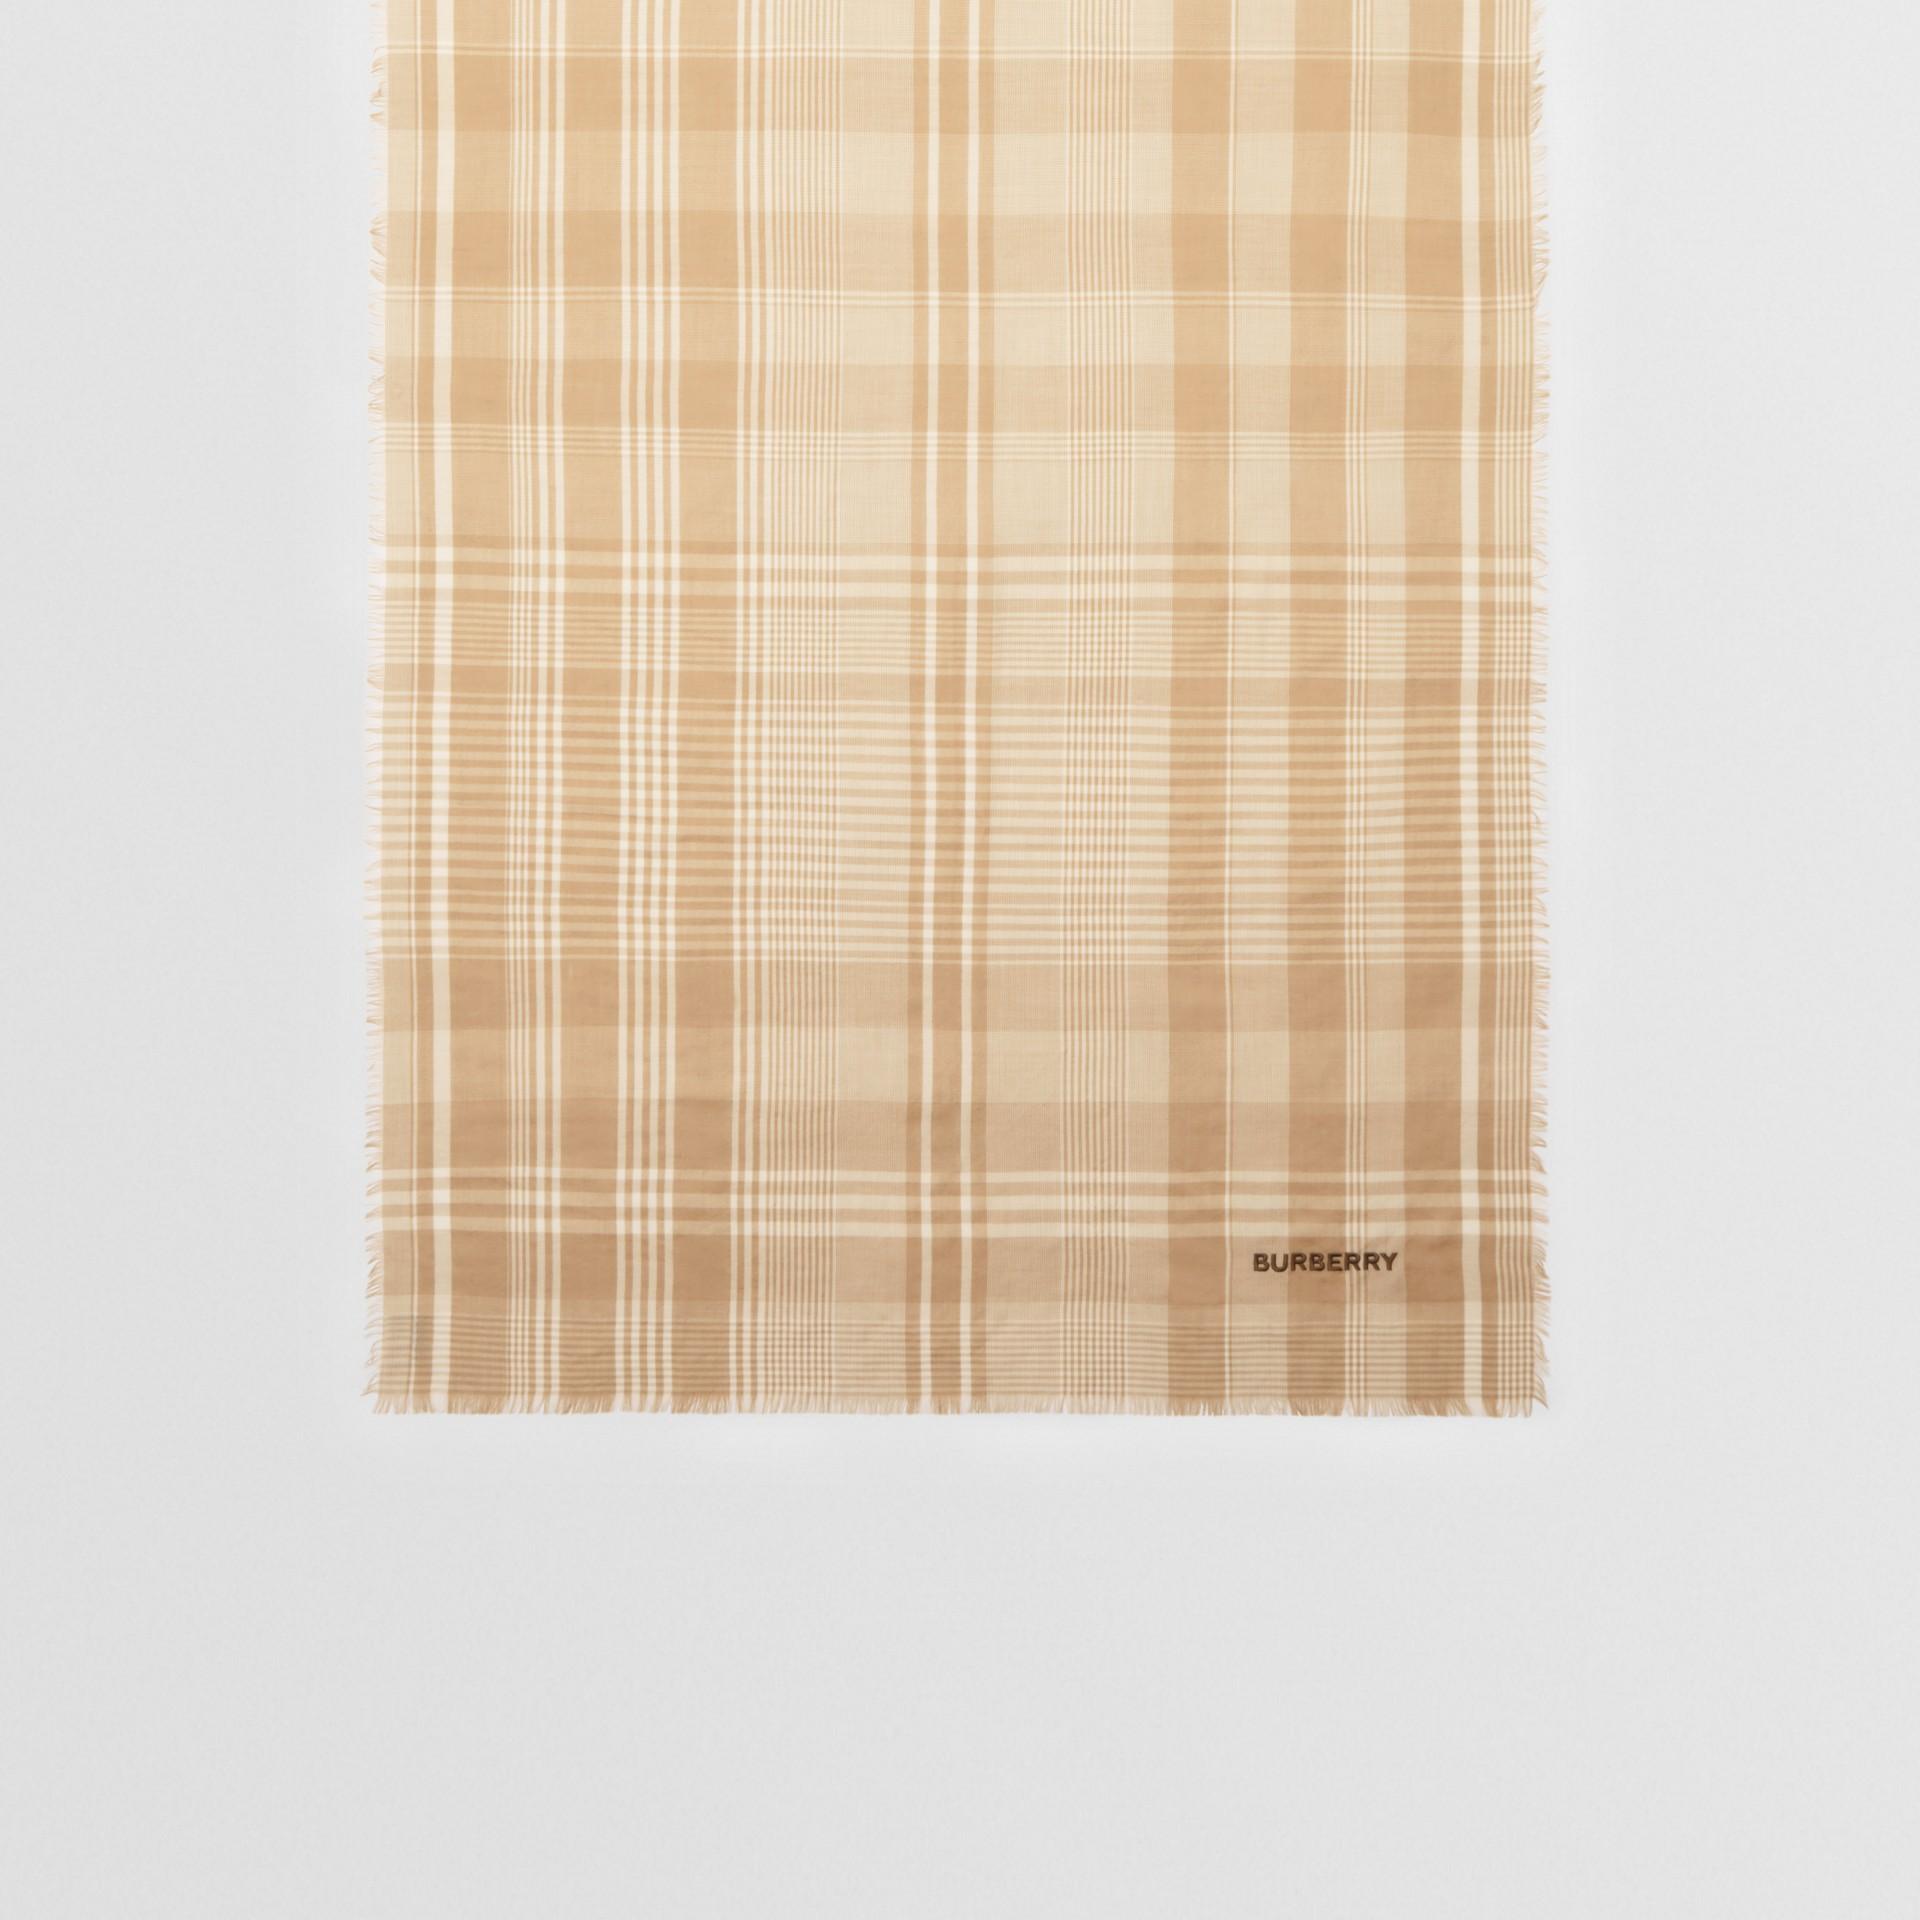 ロゴエンブロイダリー ライトウェイト チェック カシミアスカーフ (アーカイブベージュ/ホワイト) | バーバリー - ギャラリーイメージ 4